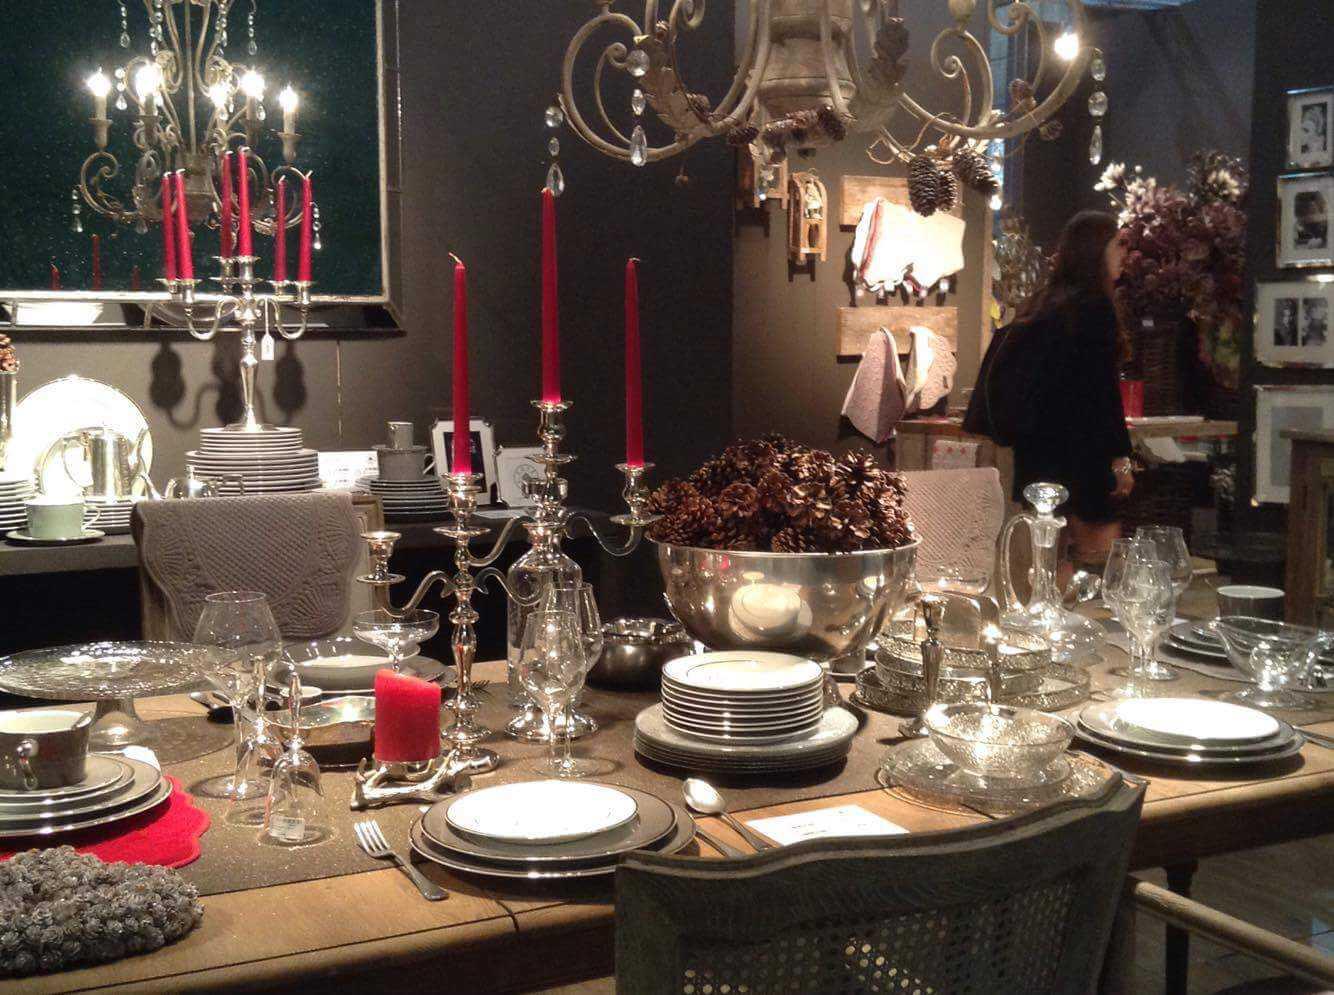 Homi il salone degli stili di vita alla scoperta di tutte le notiv per la casa - Fiera biancheria per la casa ...